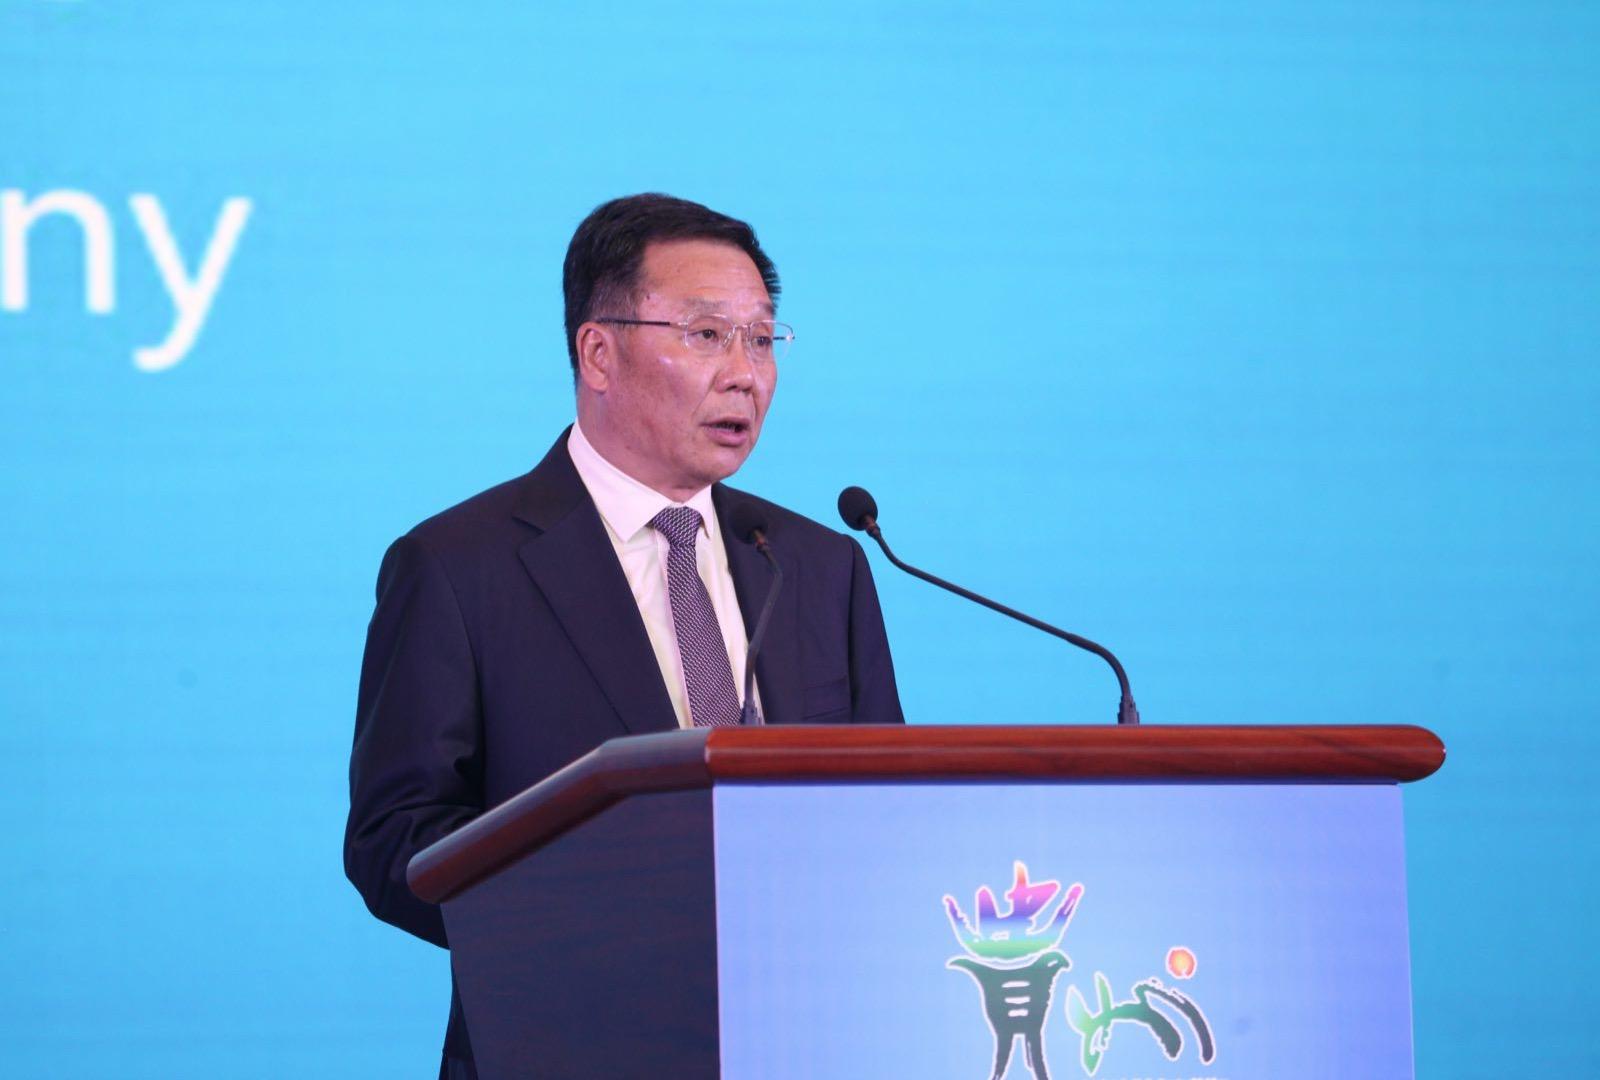 茅台董事长李保芳:与世界接轨 白酒业需大力倡导竞合发展